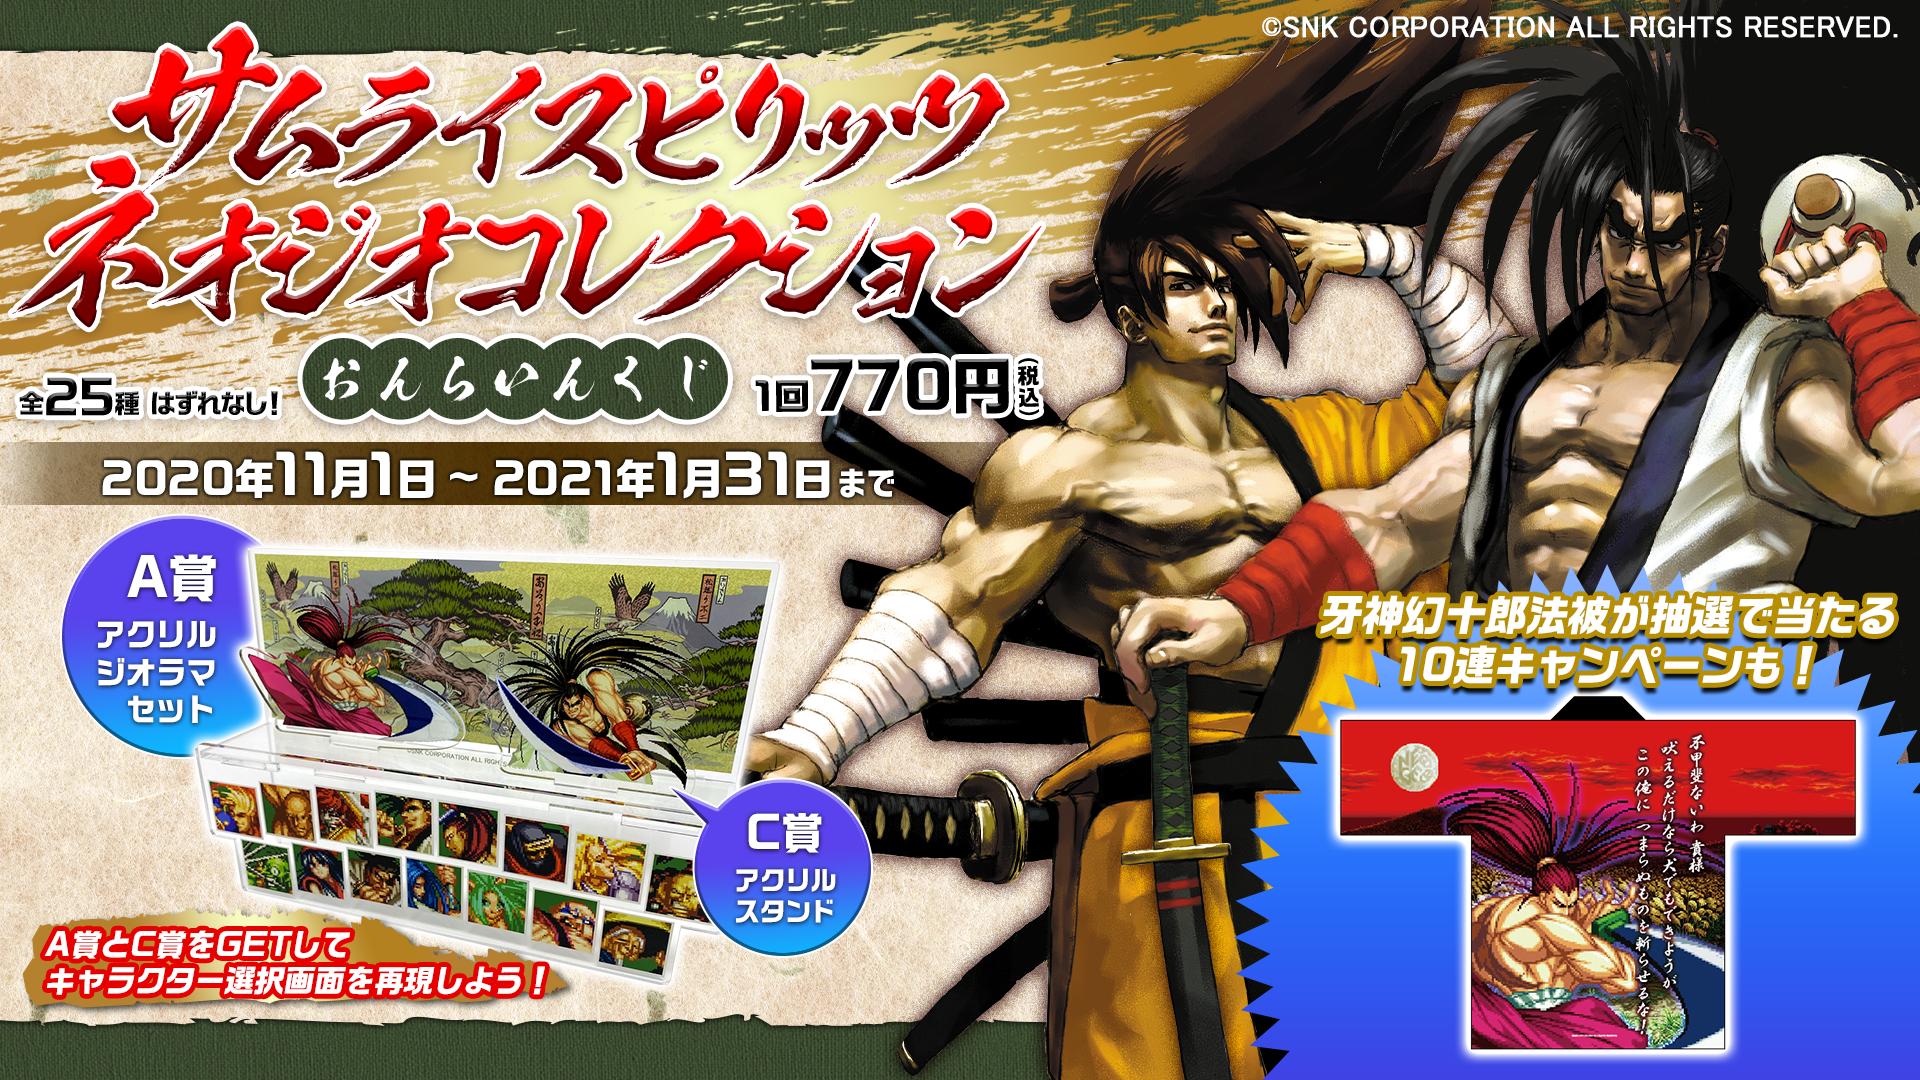 大人気格闘ゲーム「サムライスピリッツ ネオジオコレクション」の オンラインくじをビーグリーとプリズムリンクが共同で発売! ~はずれなし!限定グッズが当たる~